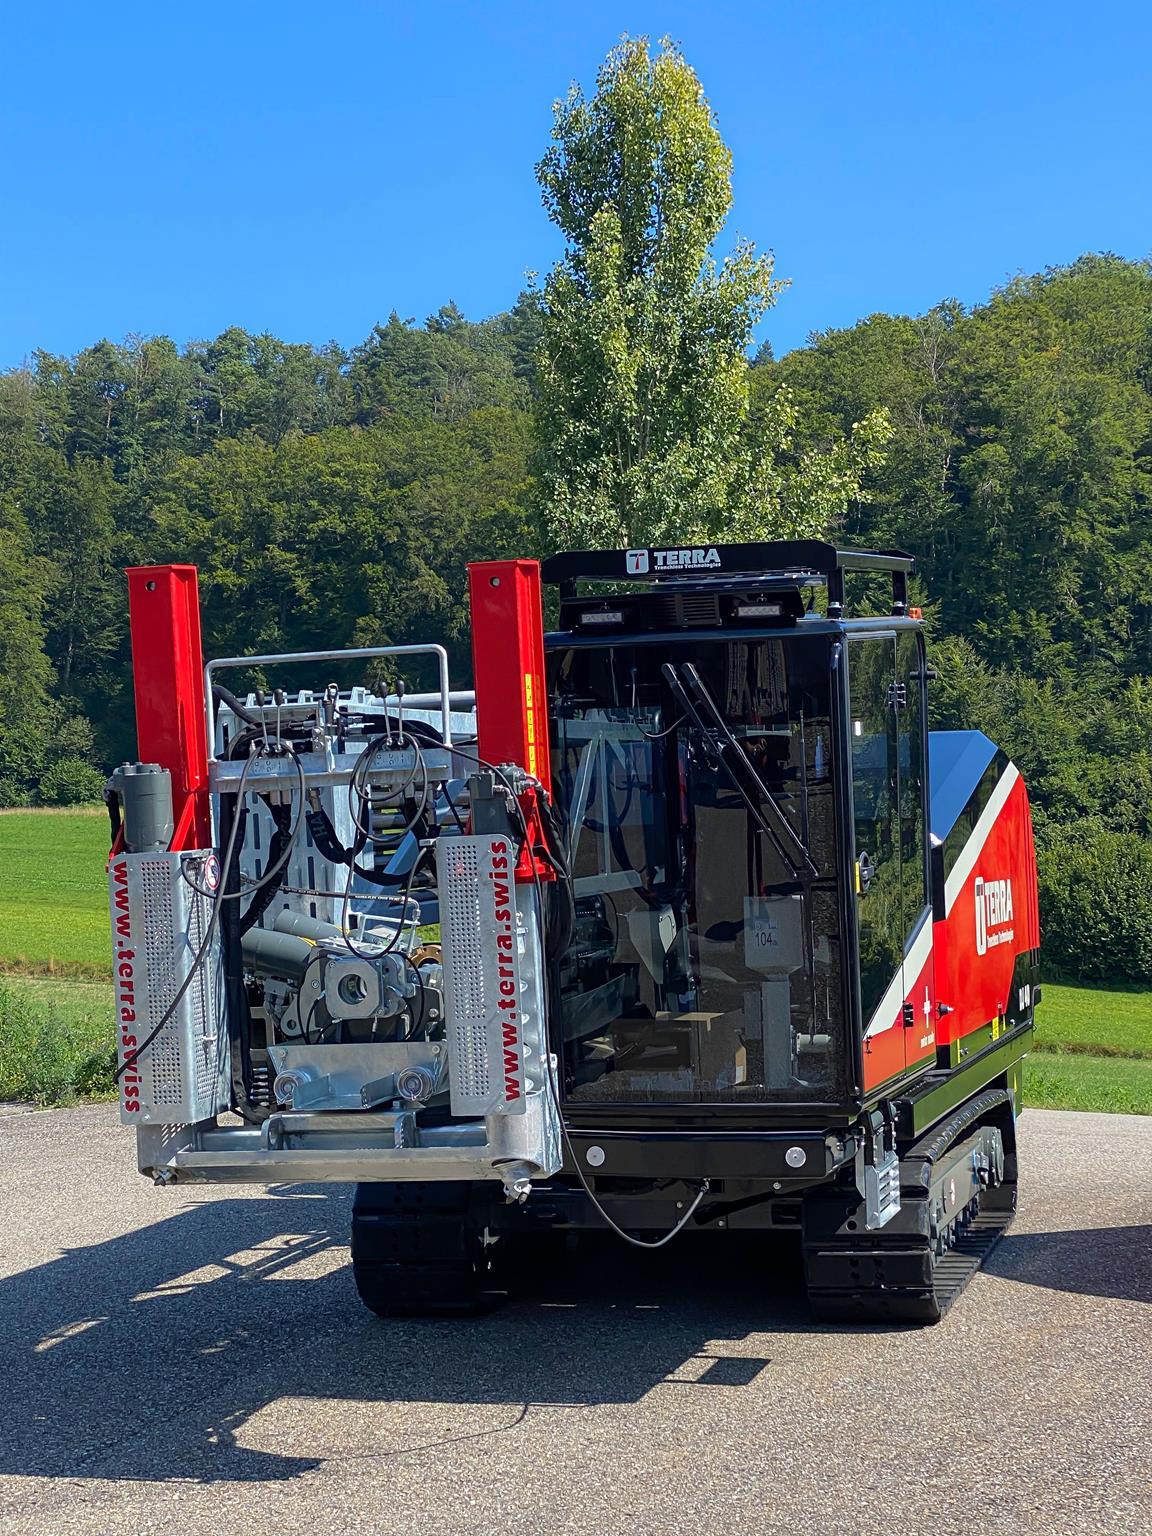 TERRA-JET DJ 40 - Kraftpaket mit 175 PS